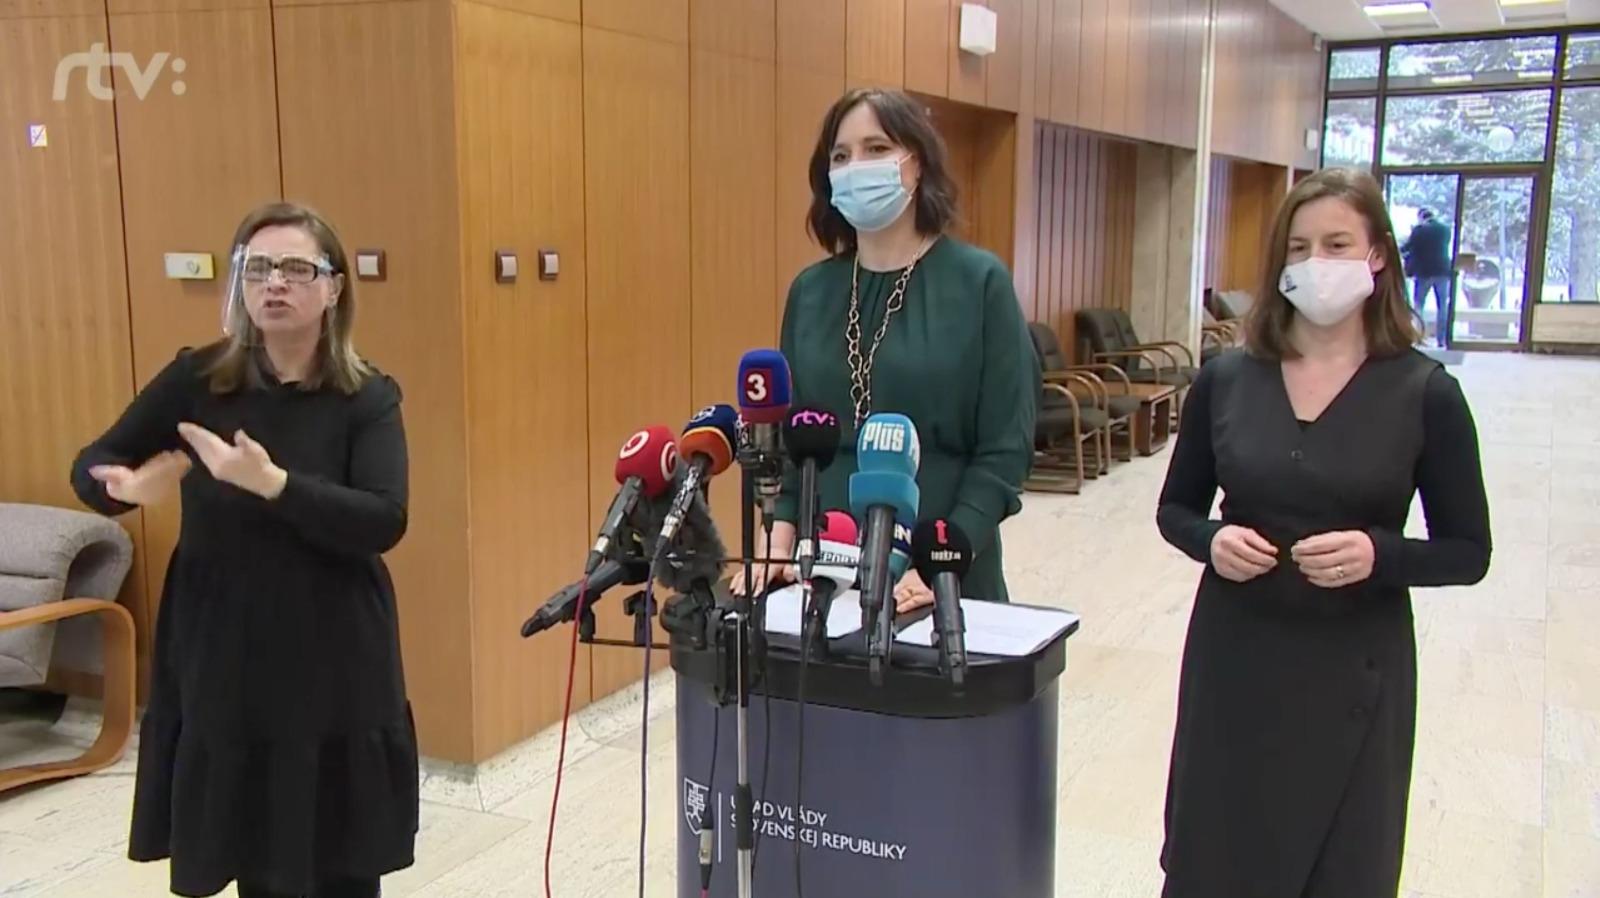 Ministerka Remišová: Pre kultúru sa podarilo uvoľniť zablokované platby vo výške 109 miliónov eur